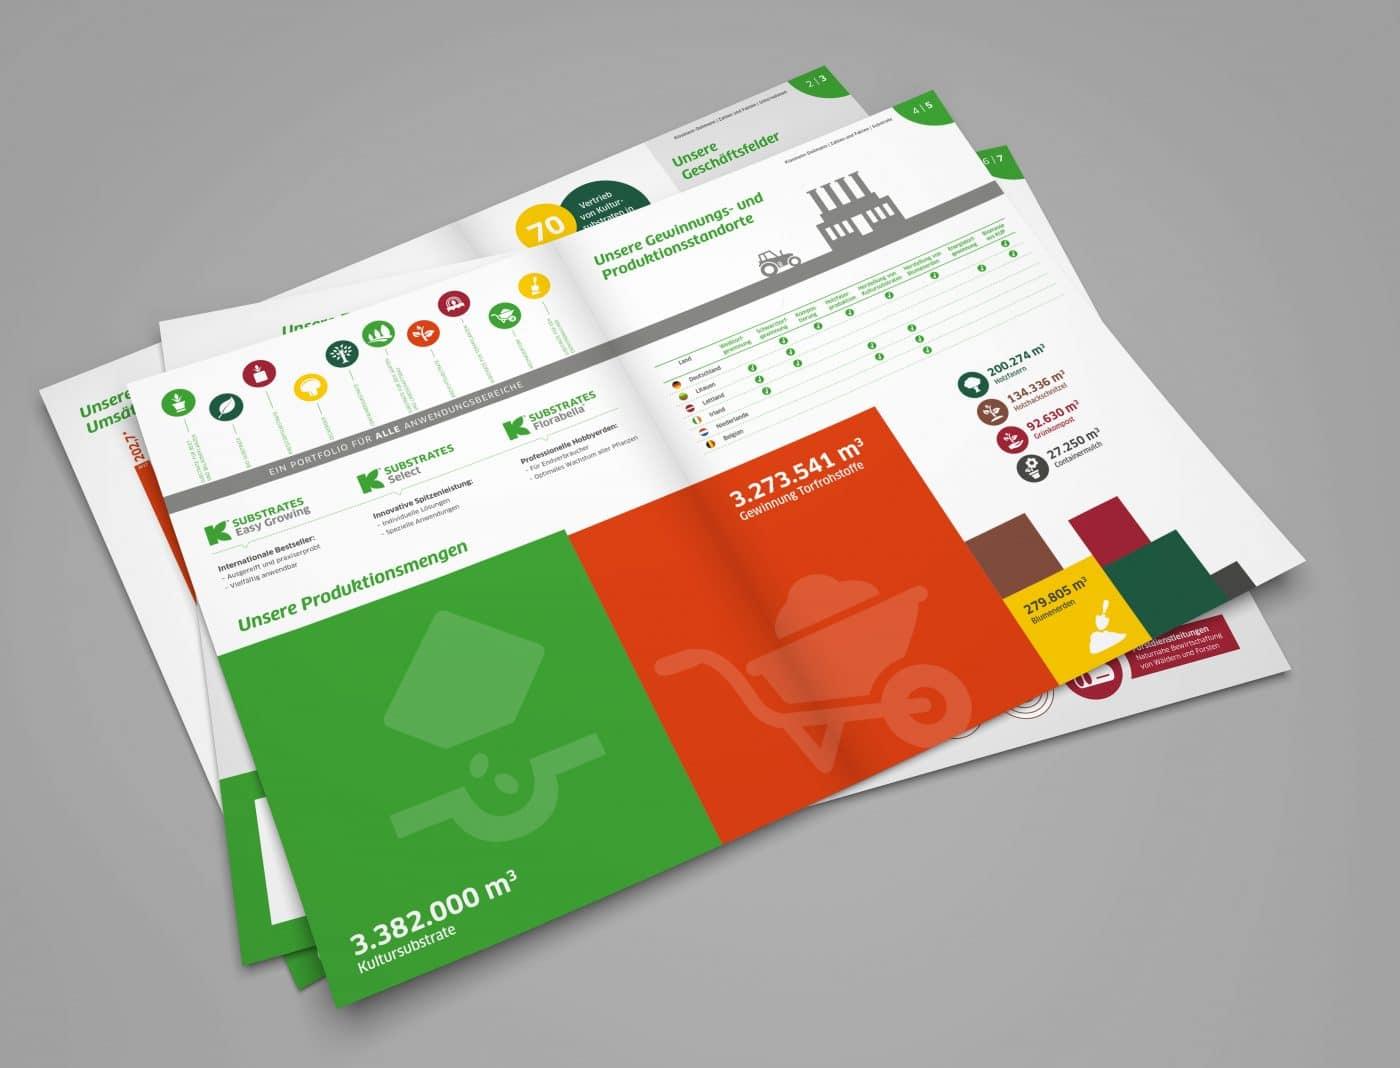 kd zahlen fakten 03 - Eine ganze Broschüre auf den Punkt gebracht – Corporate Design, Grafikdesign, Kommunikationsdesign, Markenentwicklung, Editorial Design